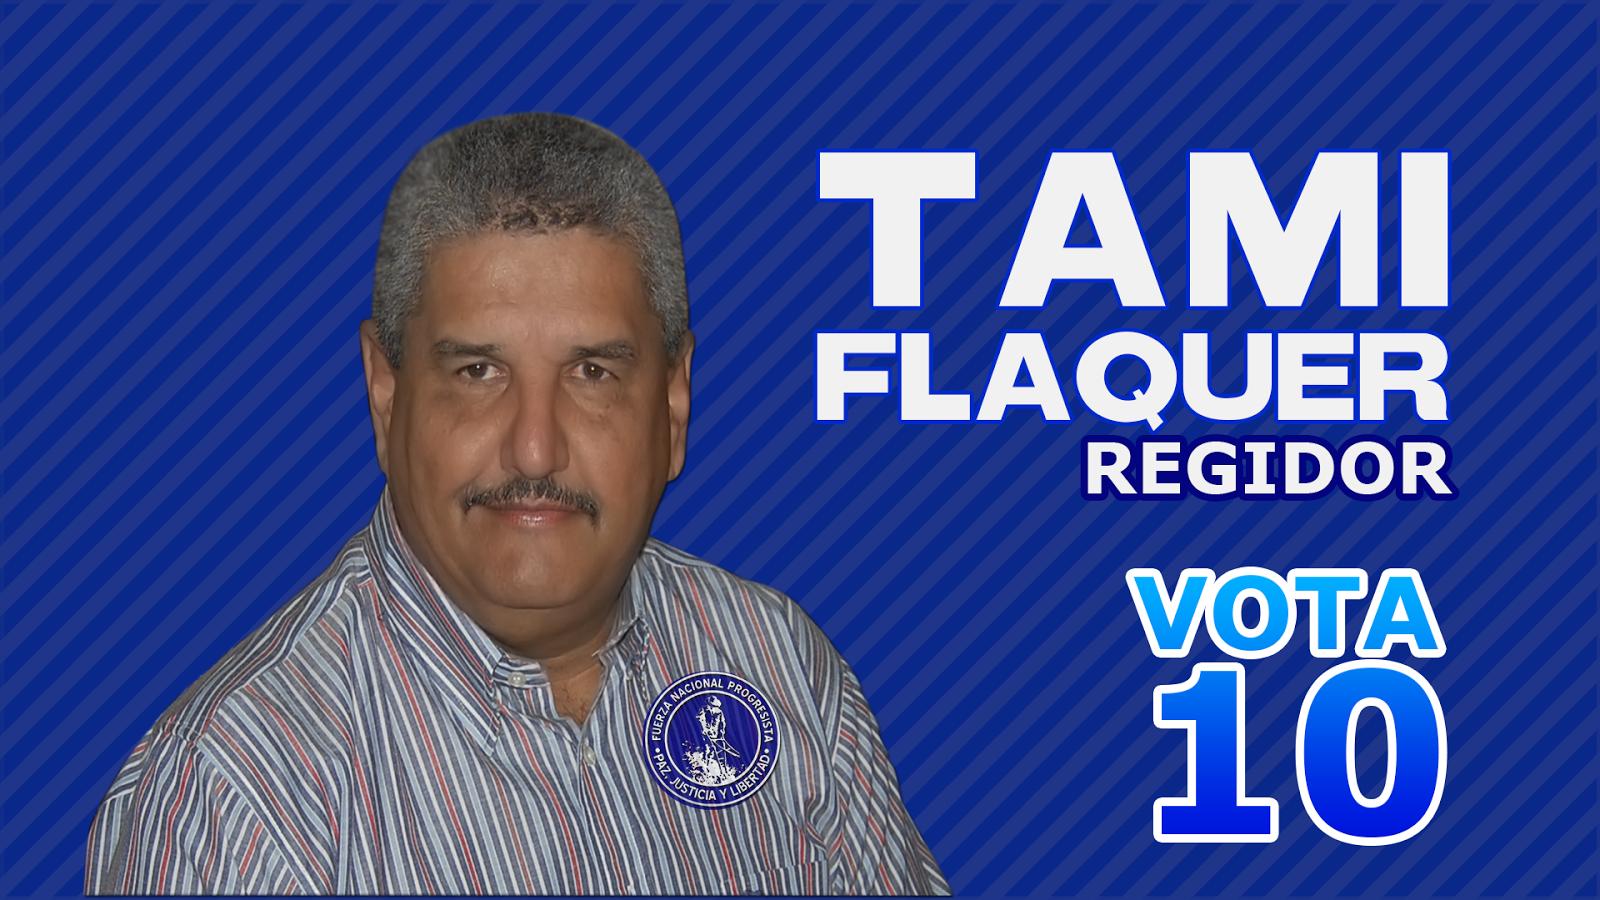 TAMI FLAQUER REGIDOR